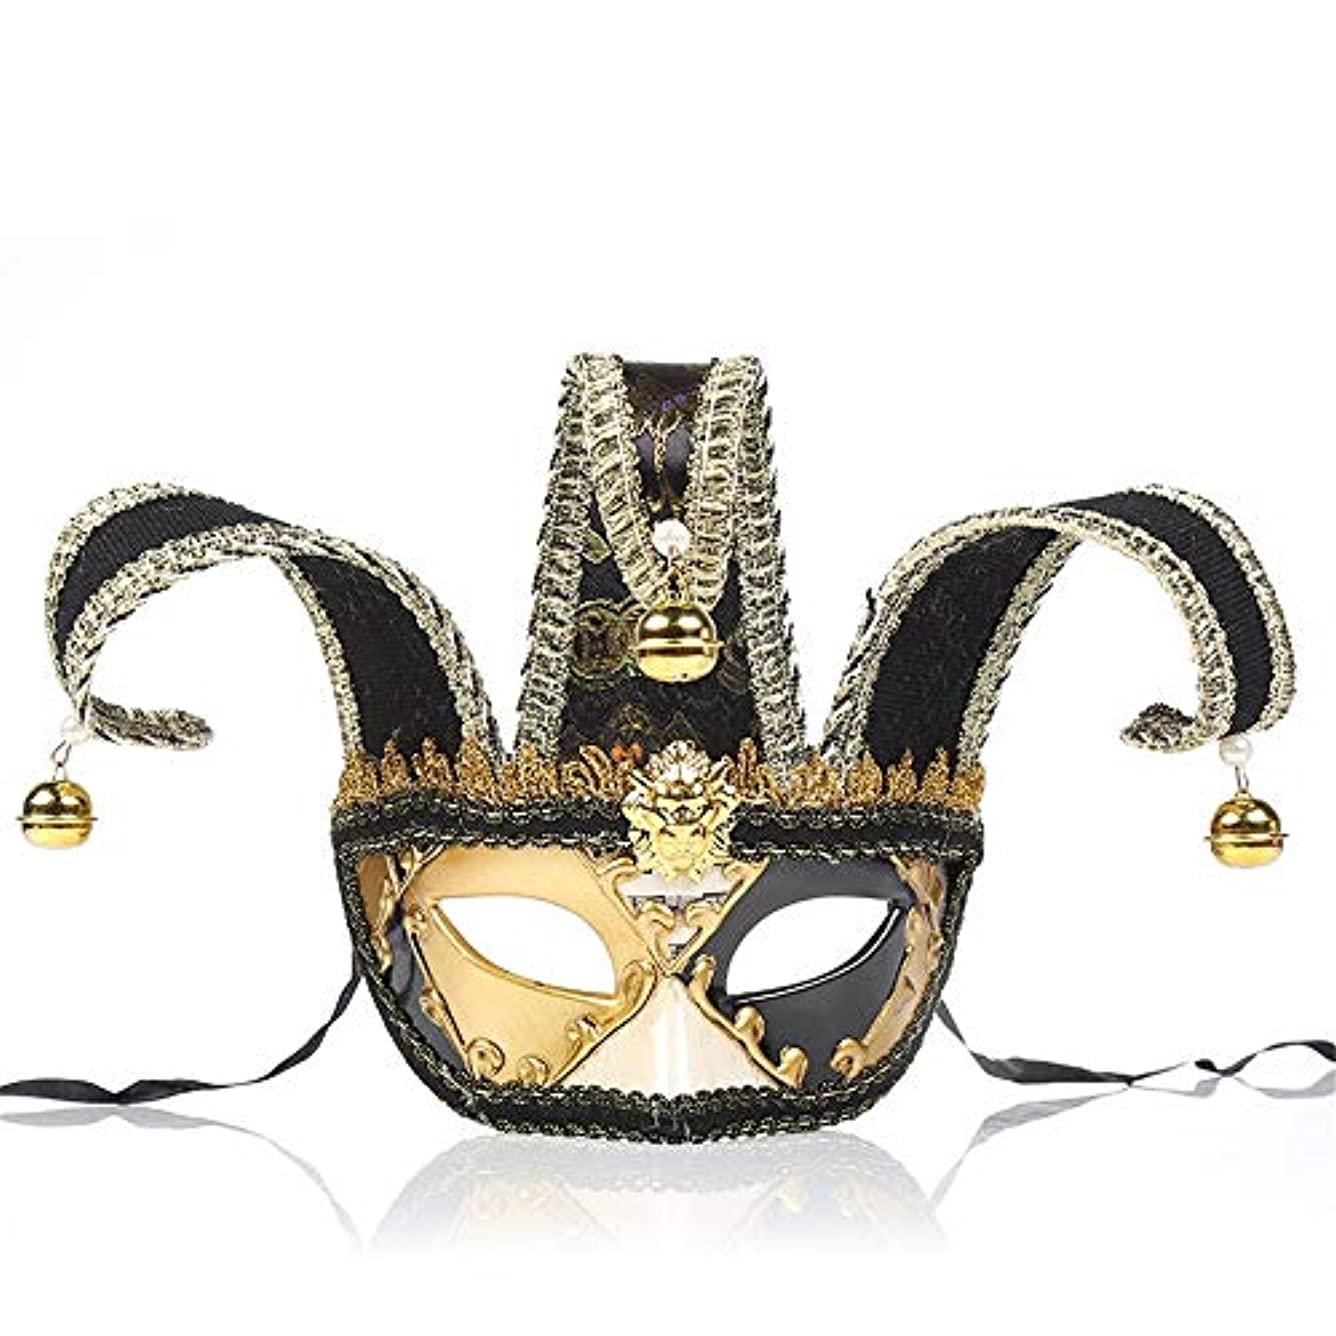 圧倒的経験者タイプダンスマスク 若者の少女ハロウィーンギフトレトロマスクホット販売マスカレードロールプレイング装飾 ホリデーパーティー用品 (色 : ブラック, サイズ : 28x16.5cm)